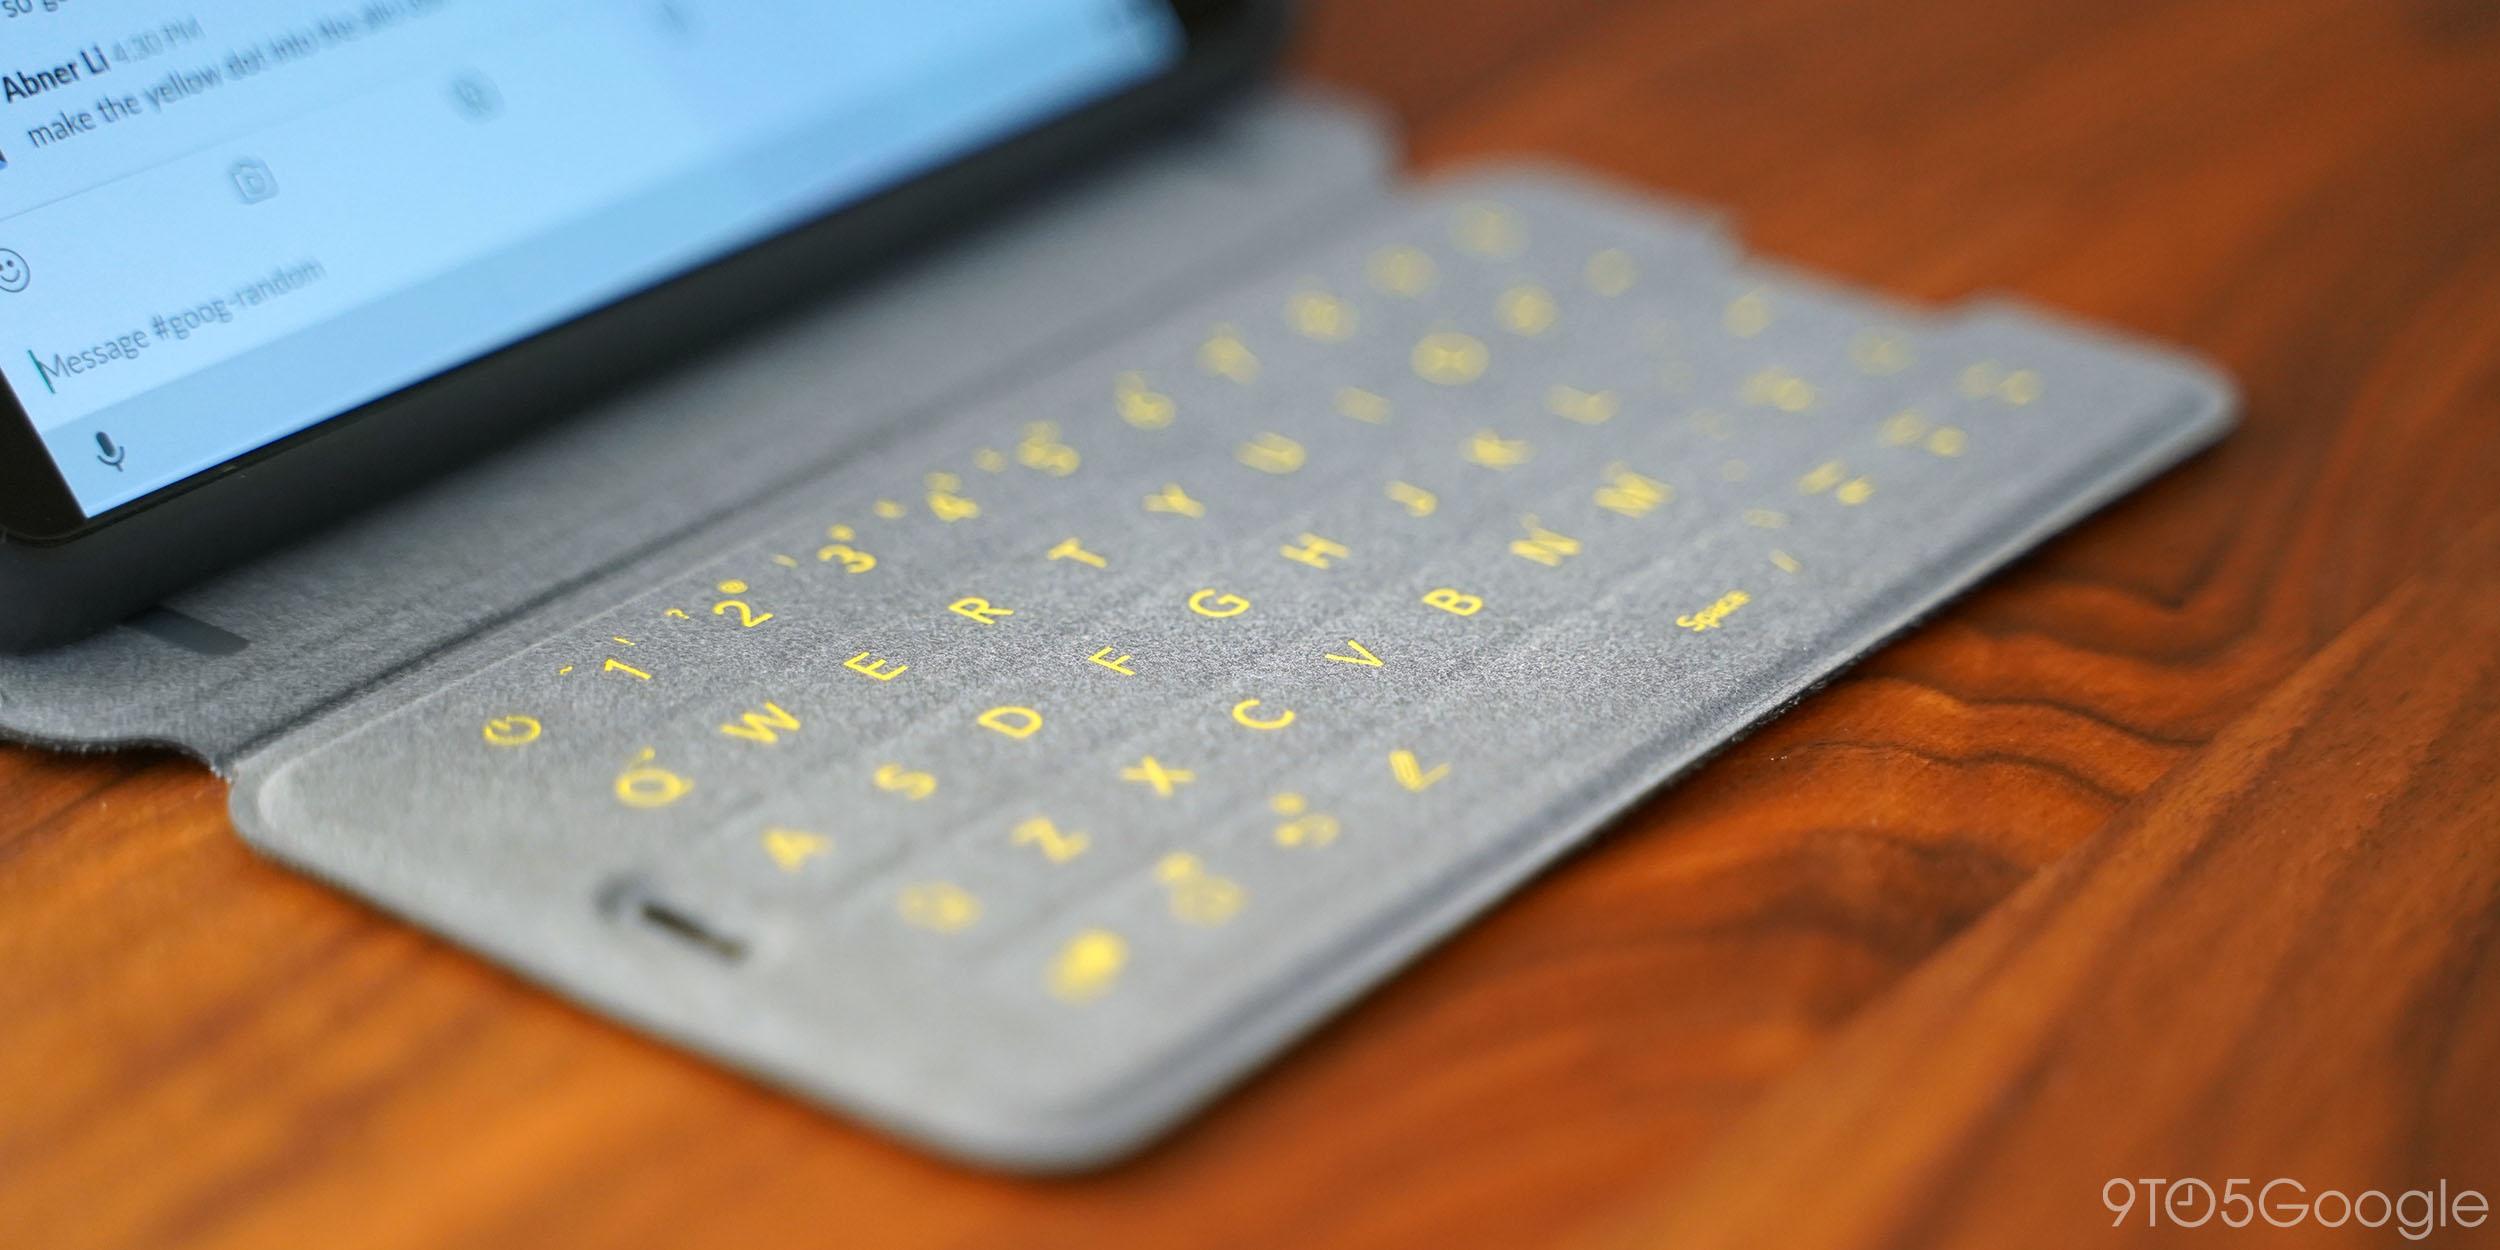 Top-Storys dieser Woche: Pixel 3 XL-Tastaturkoffer, Note 9 Erneuter Test, Childish Gambino AR, mehr